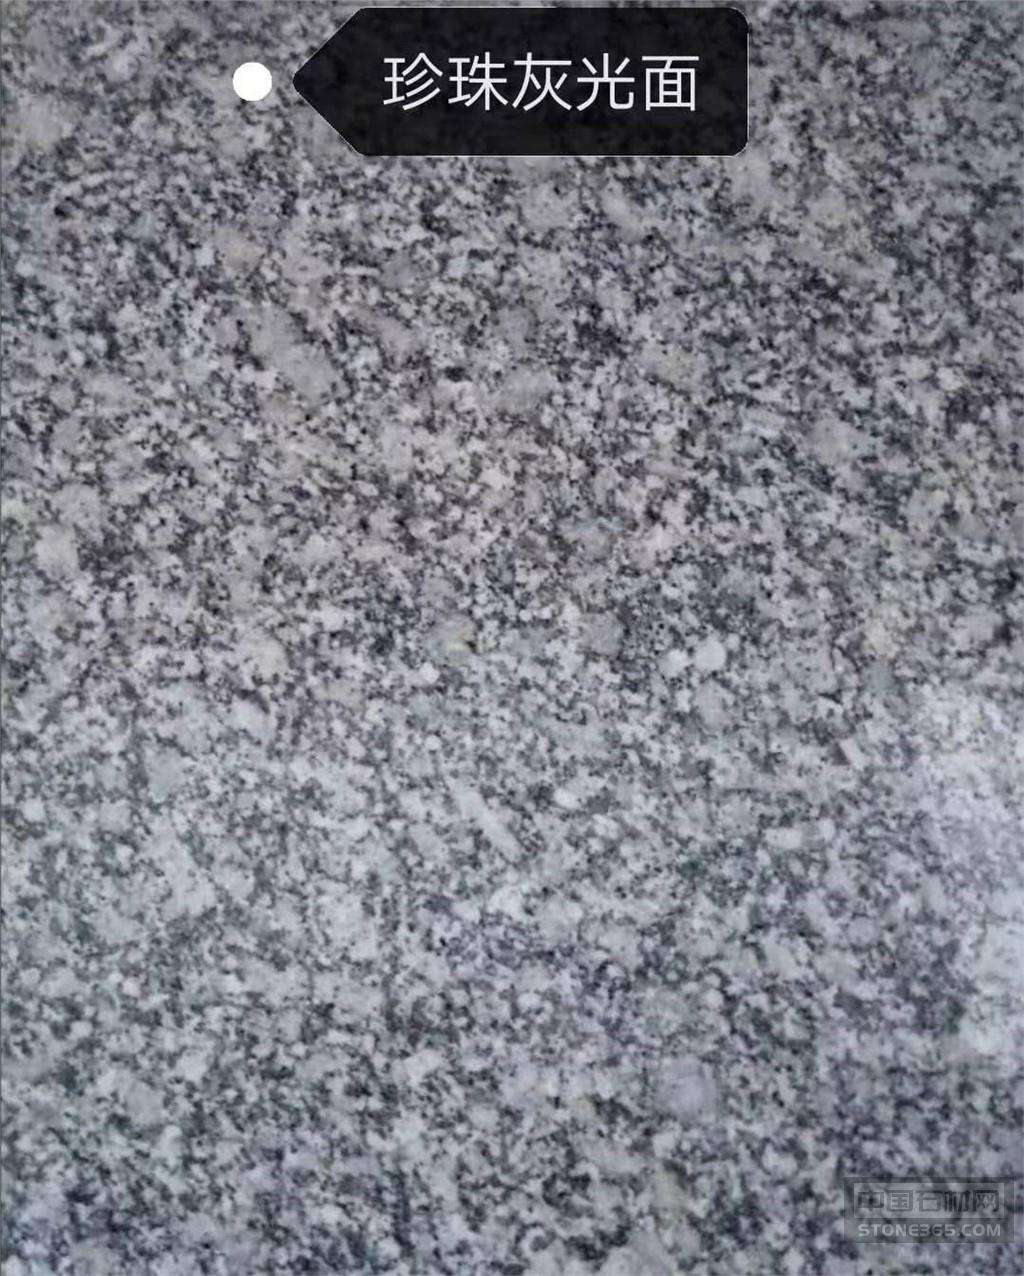 珍珠灰,特点无色差、密度大..